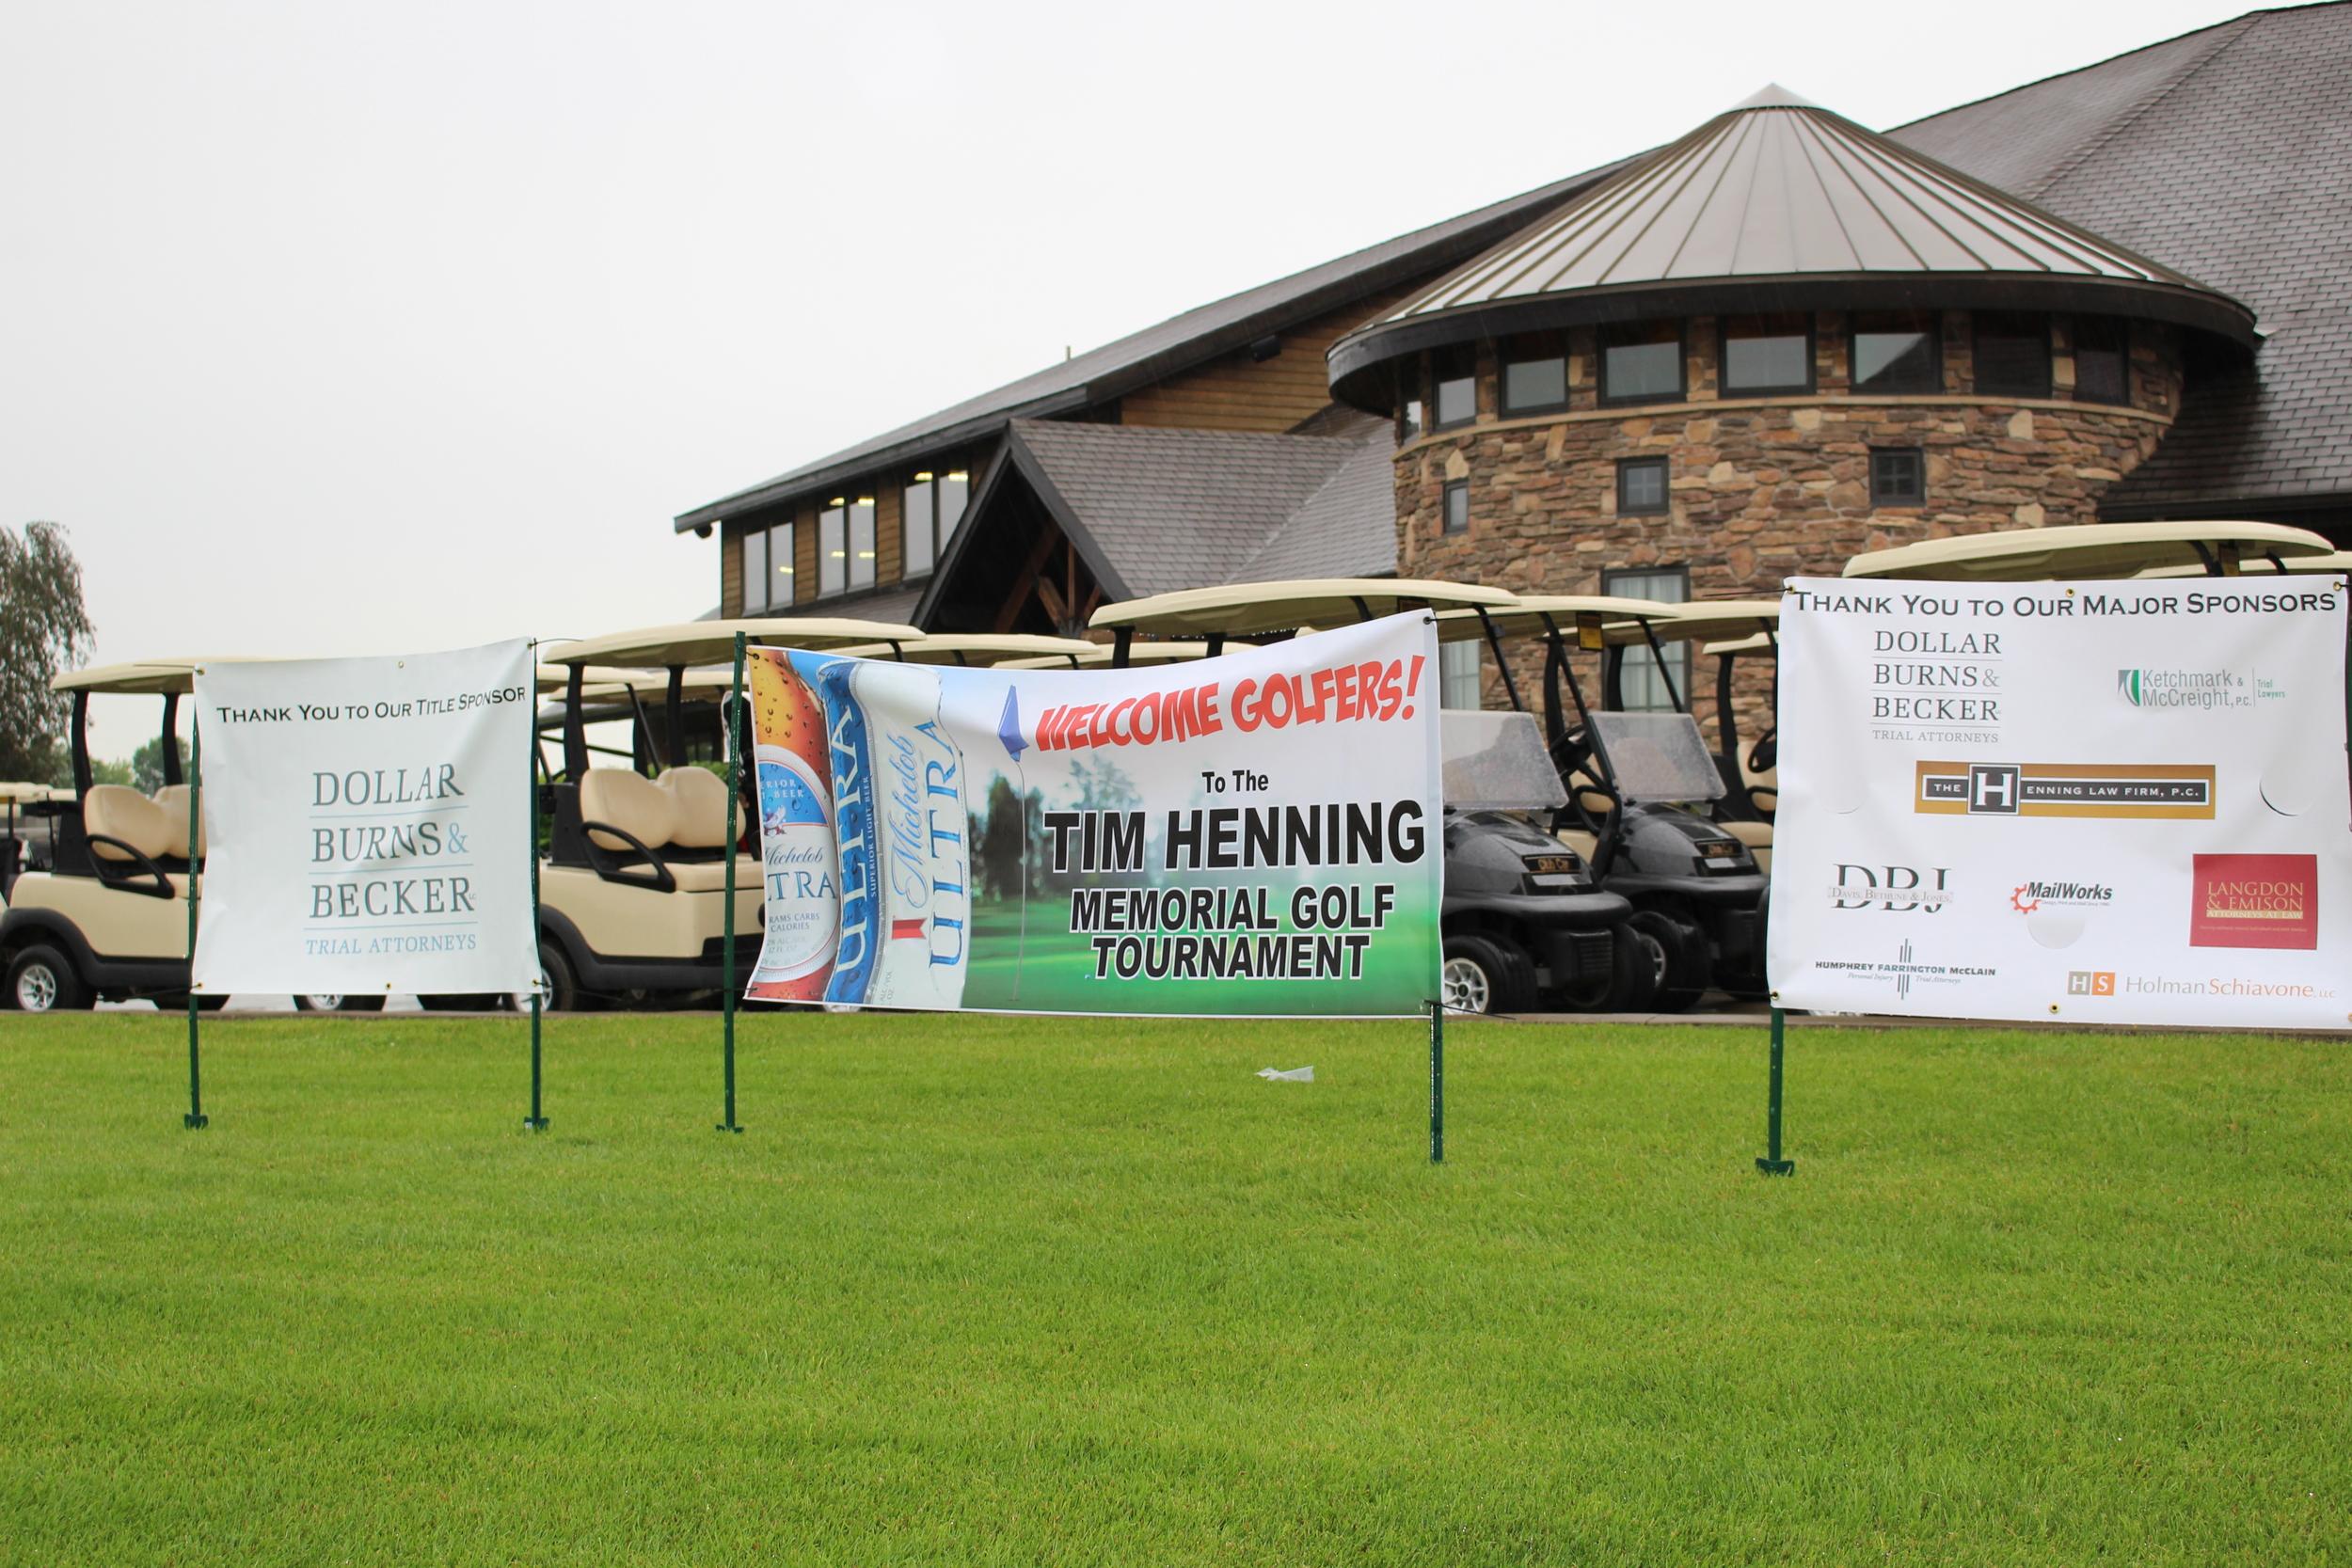 2015 Tim Henning Memorial Golf Tournament